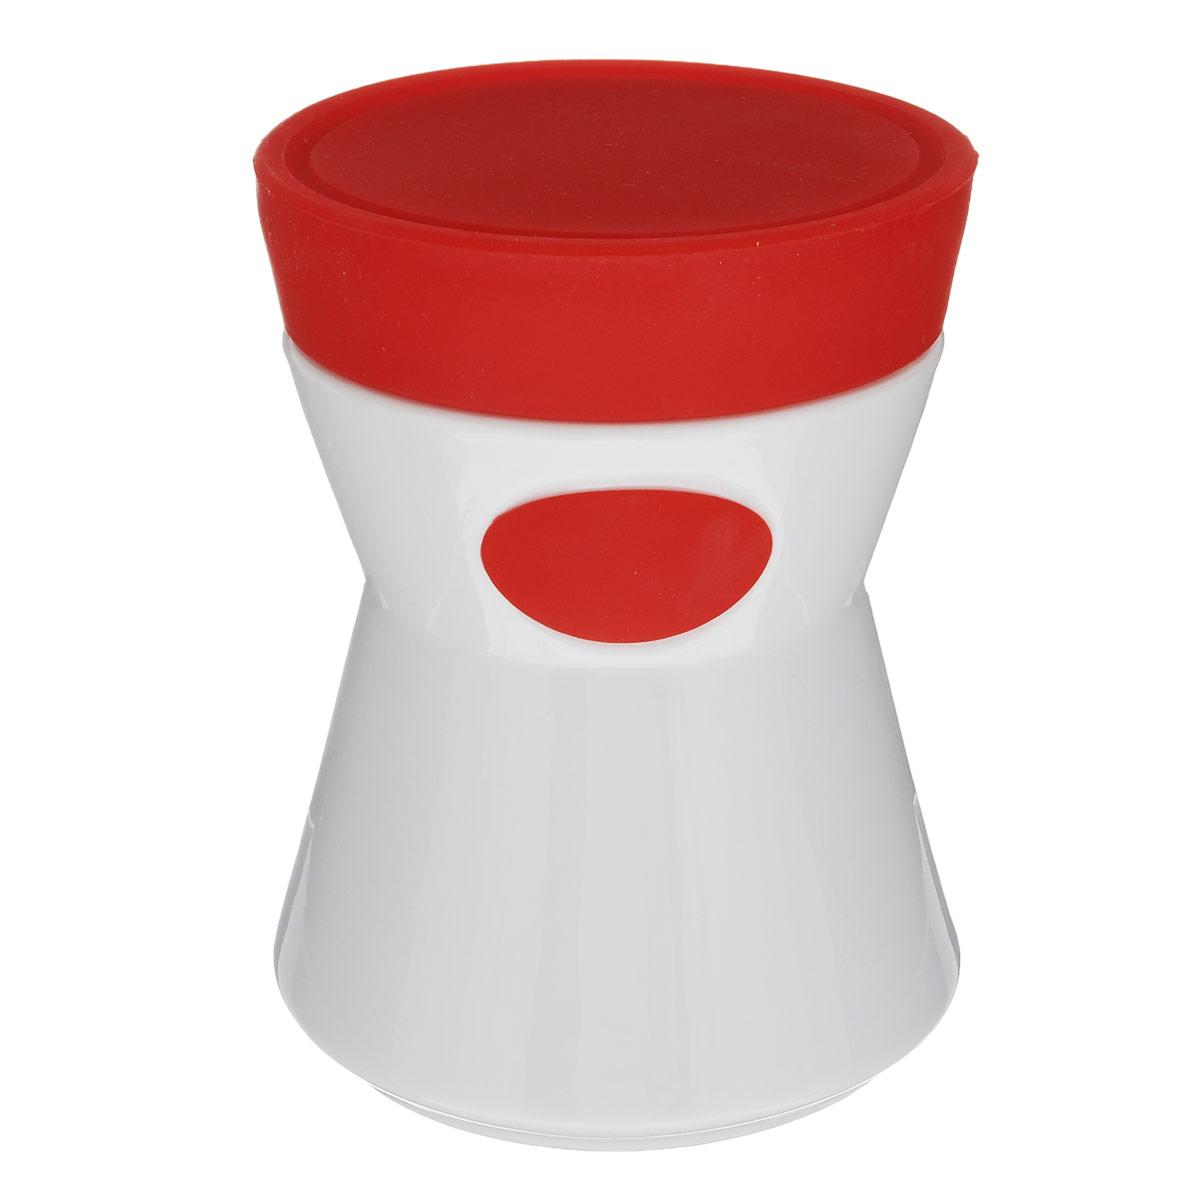 Банка для сыпучих продуктов House & Holder, цвет: красный, 0,76 л7D508Банка для сыпучих продуктов House & Holder изготовлена из прочной керамики и оснащена плотно закрывающейся силиконовой крышкой. Благодаря этому, внутри сохраняется герметичность, и продукты дольше остаются свежими. Изделие предназначено для хранения различных сыпучих продуктов: круп, чая, сахара, орехов, специй и другого. Функциональная и вместительная, такая банка станет незаменимым аксессуаром на любой кухне.